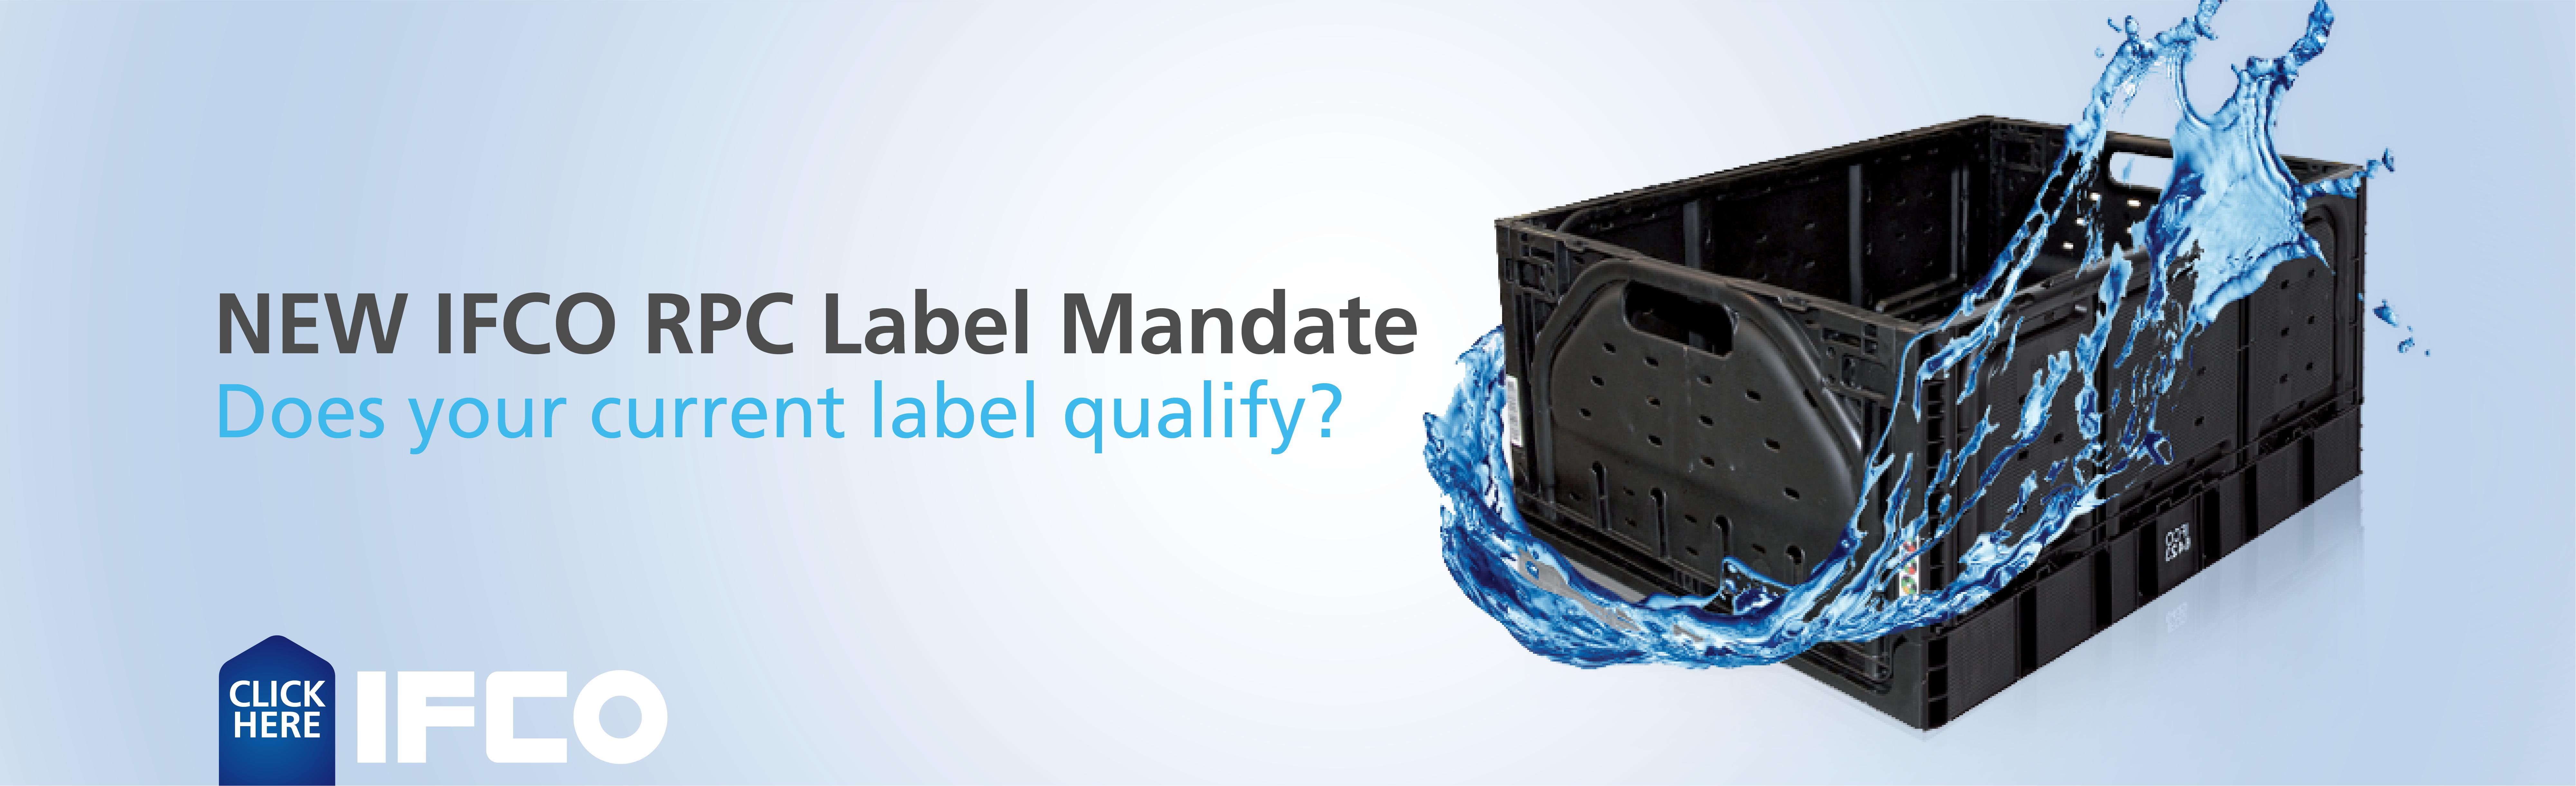 03.27.15 Efficiency of Leibinger inkjet equipment scores for industrial customer